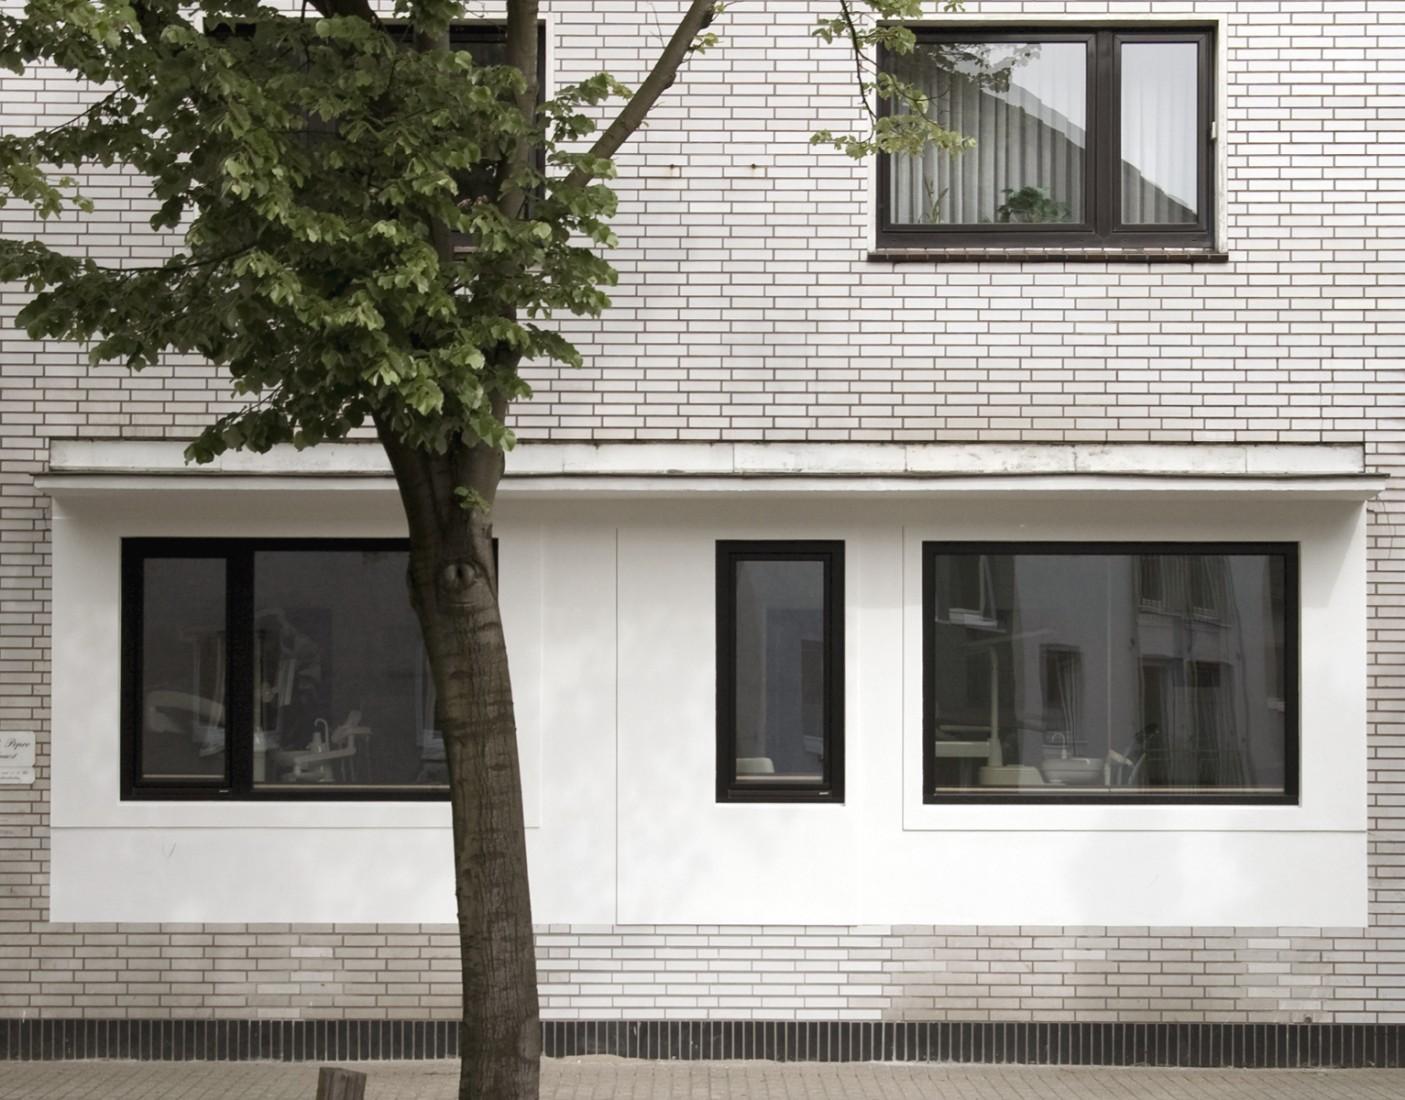 zahnarztpraxis duisburg bhsf architekten. Black Bedroom Furniture Sets. Home Design Ideas